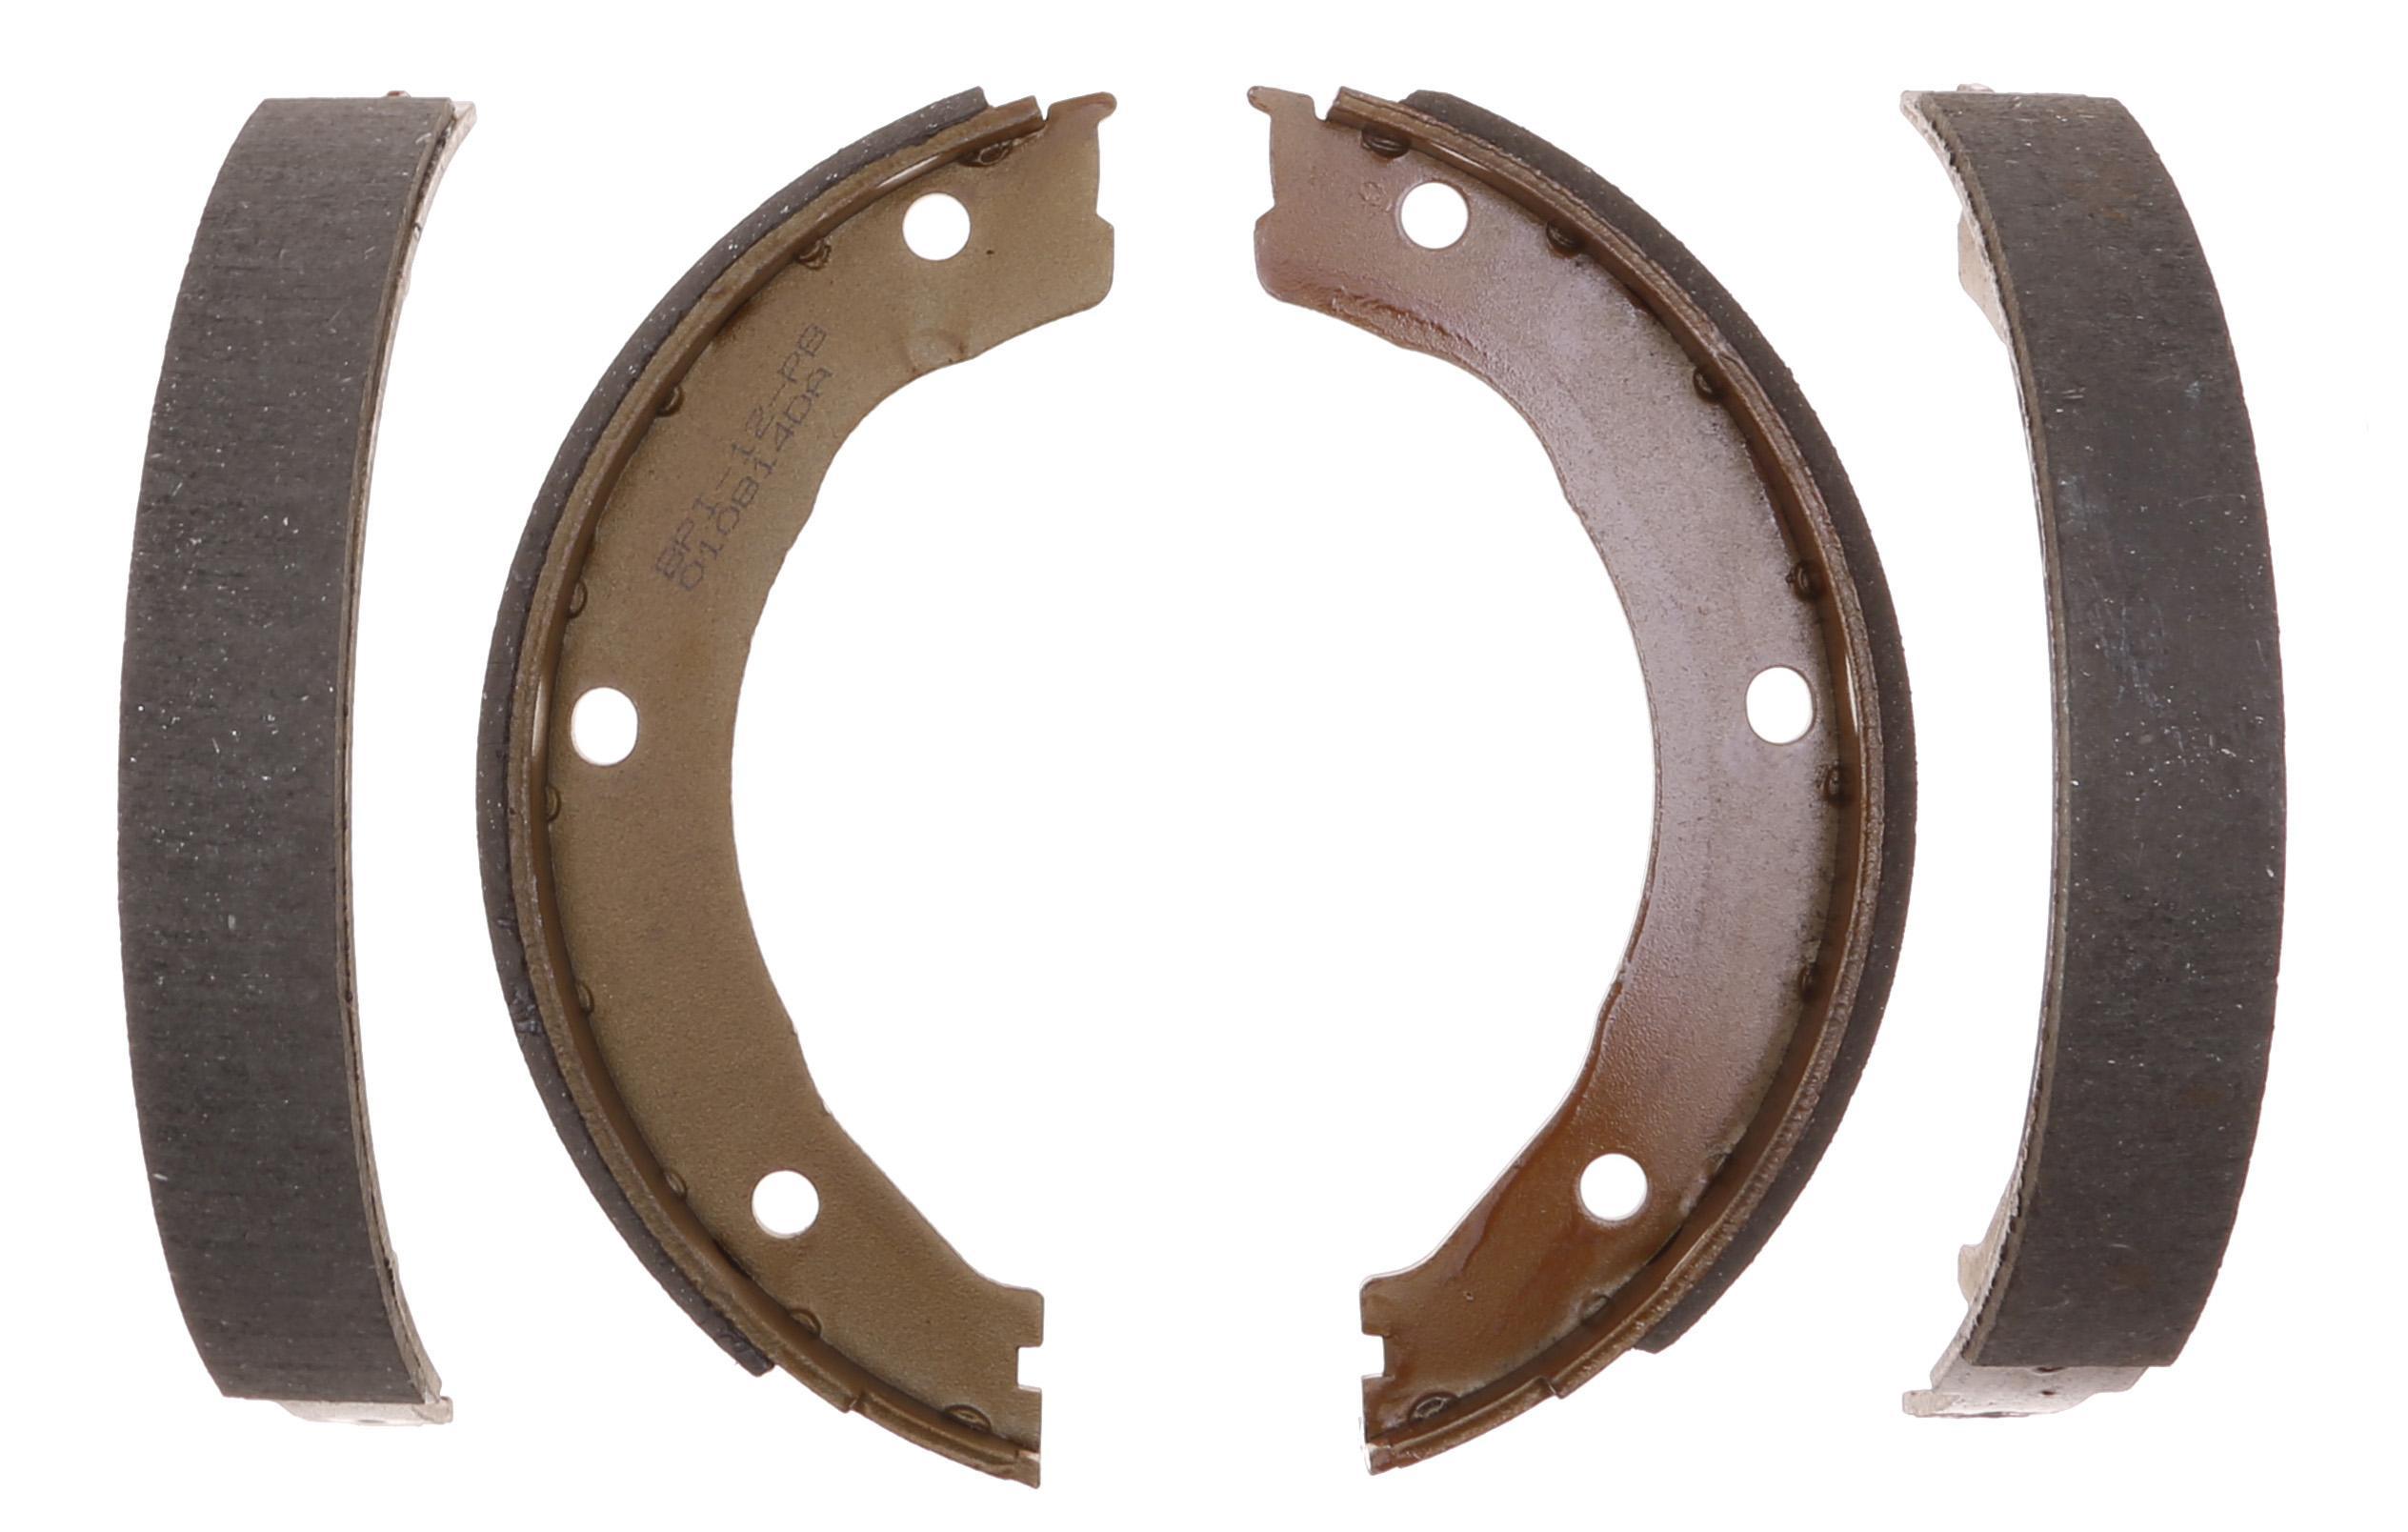 ACDELCO PROFESSIONAL BRAKES - Bonded Parking Brake Shoe - ADU 171005B